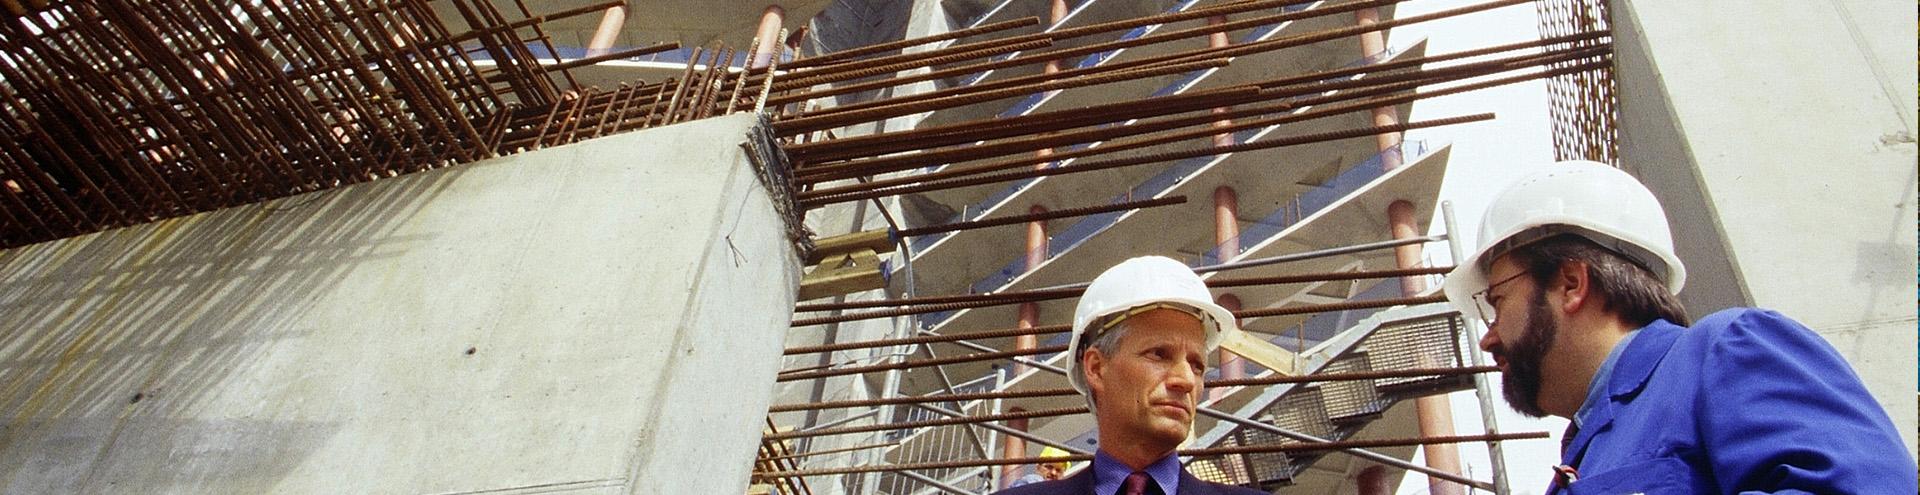 Юрист по долевому строительству в Липецке и Липецкой области